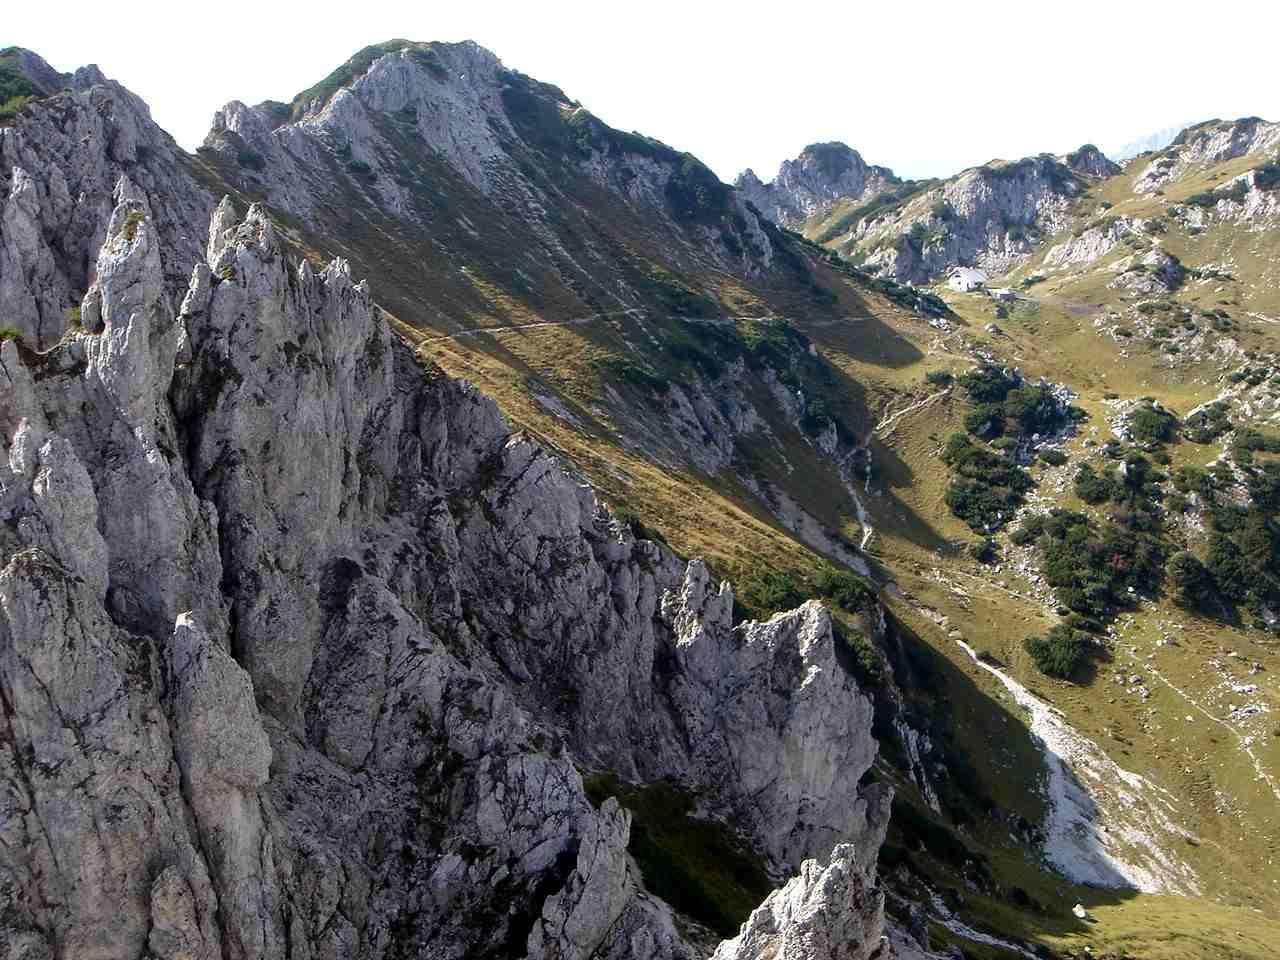 Foto: Manfred Karl / Wander Tour / Grabnerstein - Gipfelrunde / Blick zurück zum Admonter Haus. / 18.05.2007 14:48:33